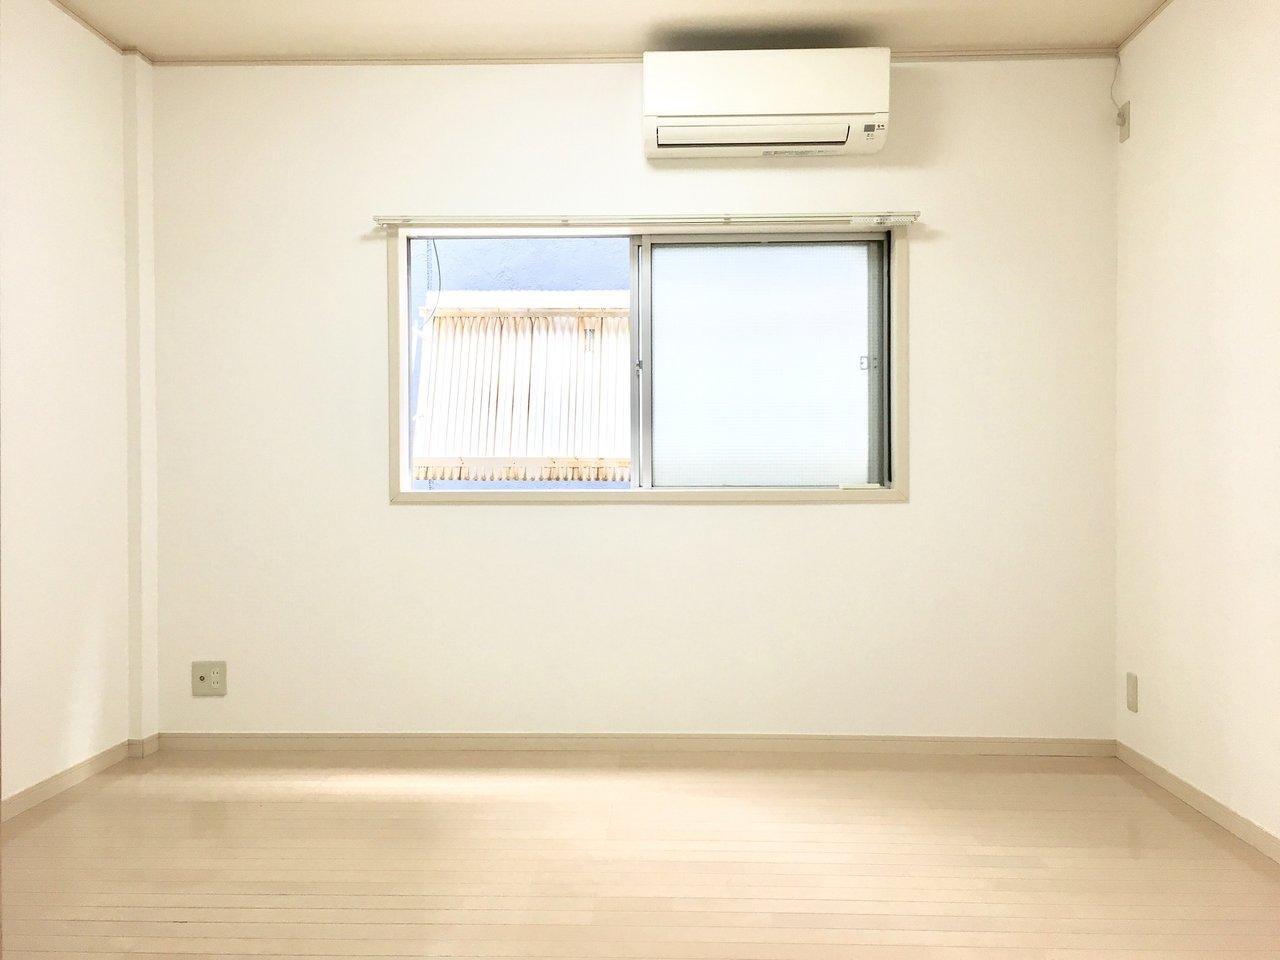 洋室の方は6畳あって、寝室としてもゆったり使うこともできますし、ベット+デスクを置いても書斎として使うのもいいかもしれません。エアコン完備なのもうれしいですね。